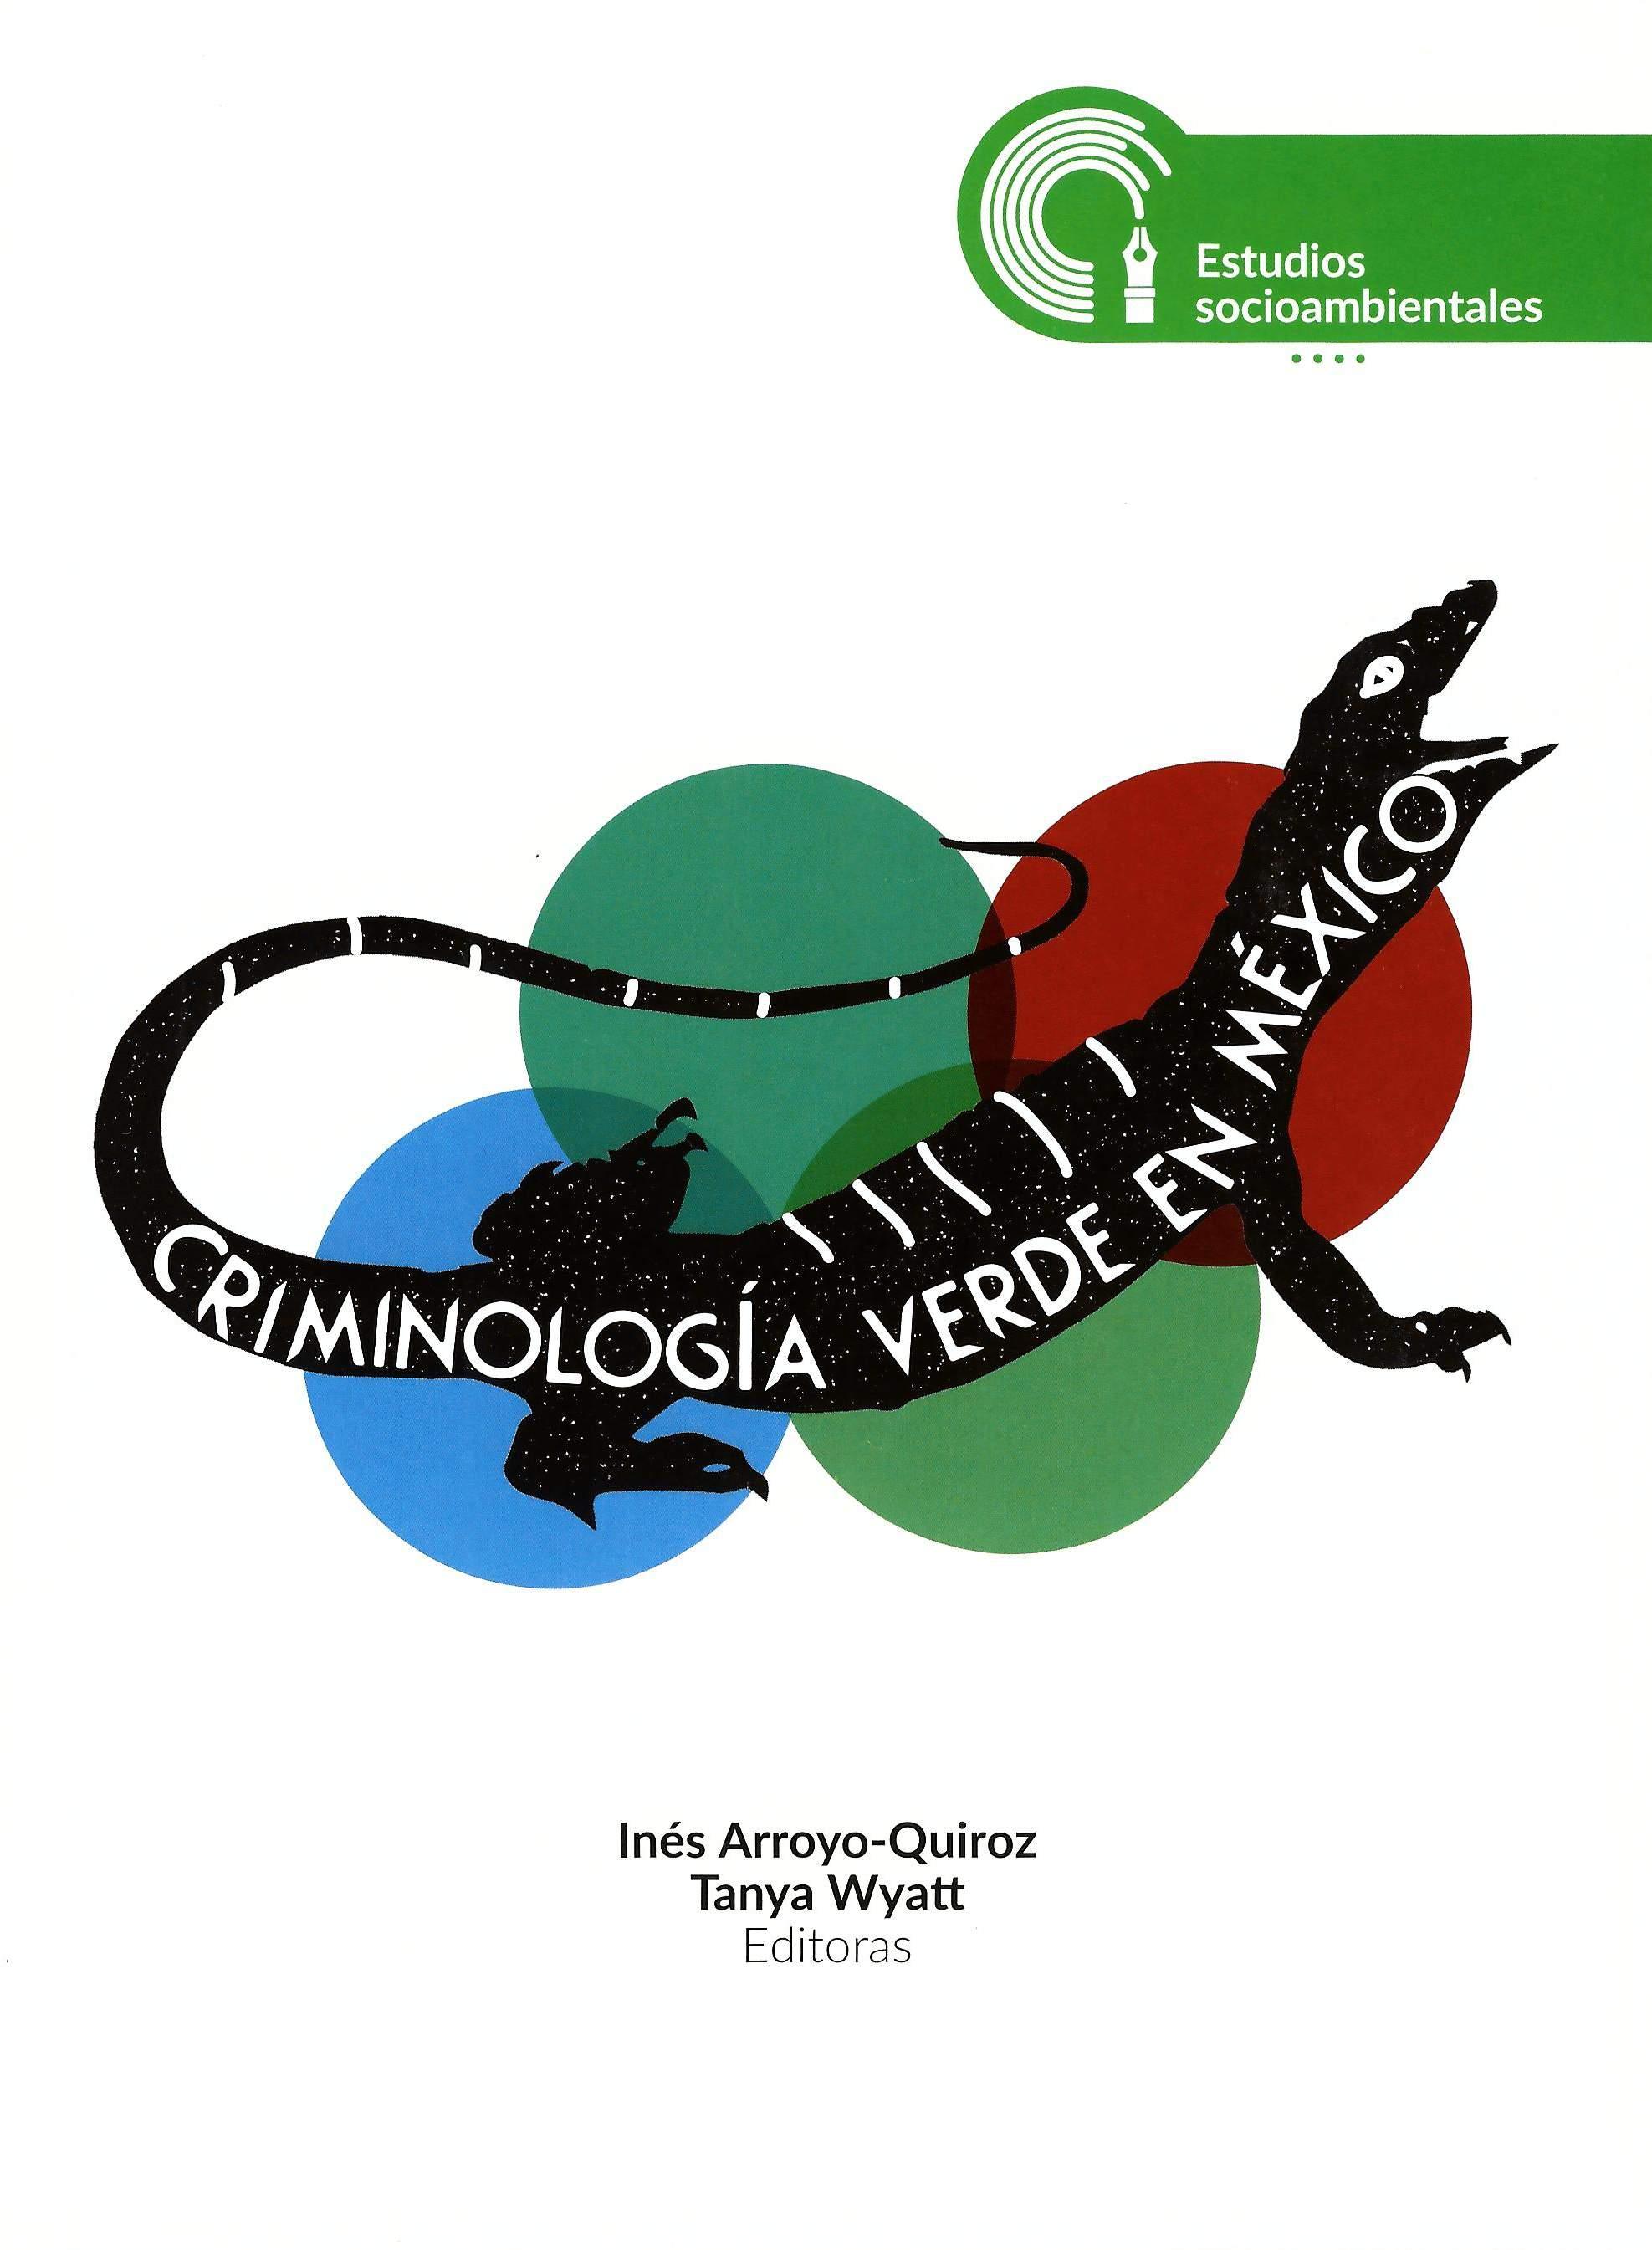 Criminología verde en México